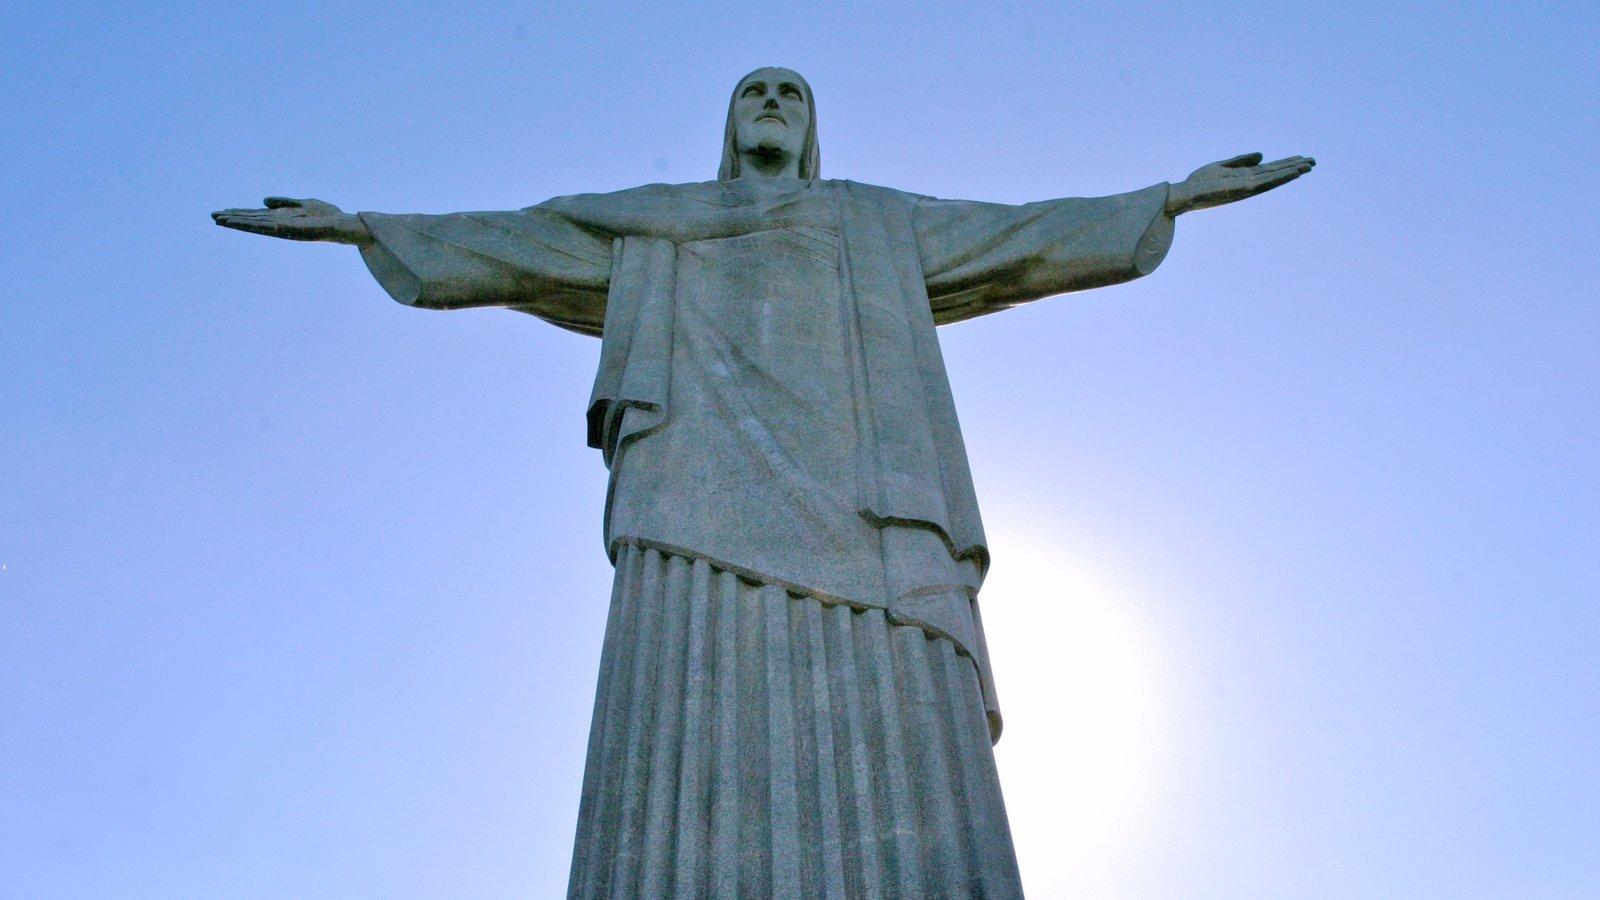 Corcovado caracterizando uma estátua ou escultura, arte ao ar livre e elementos religiosos